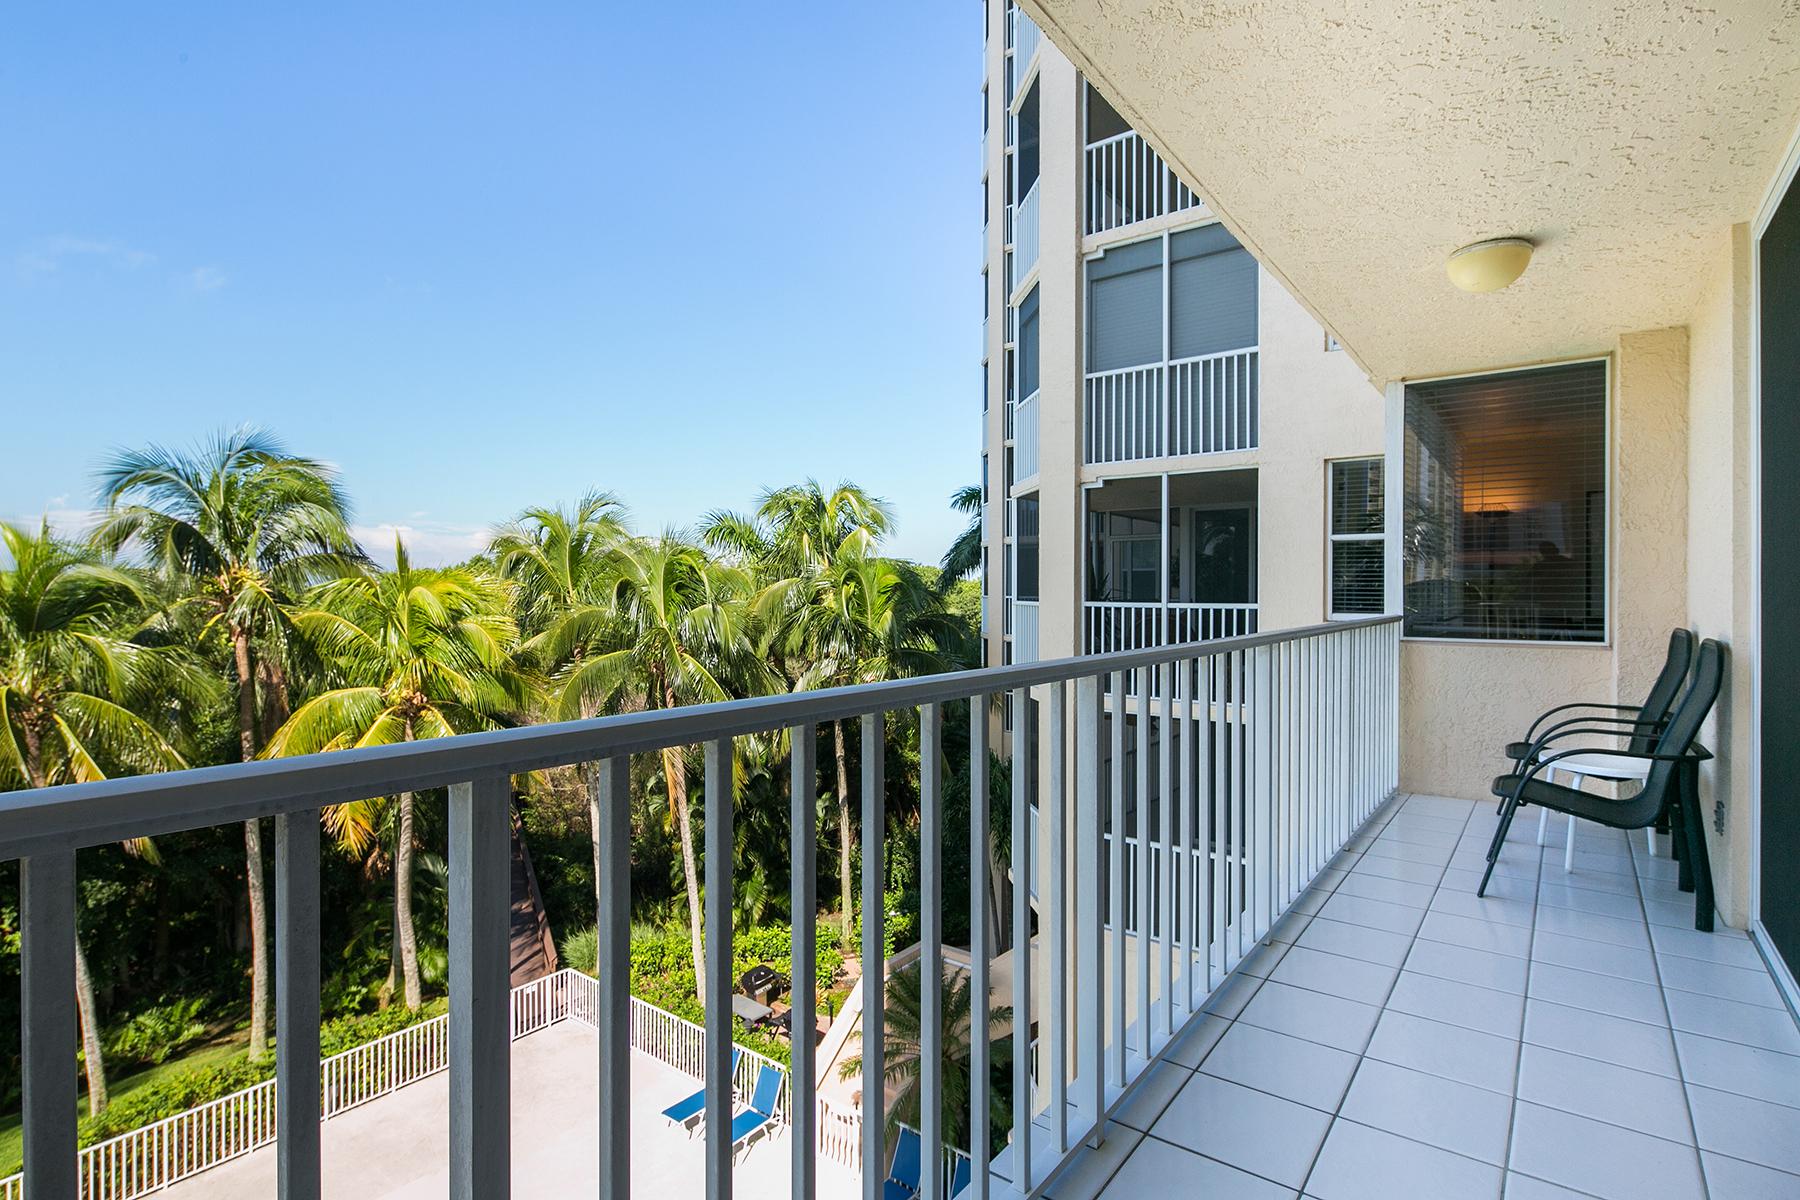 Кооперативная квартира для того Продажа на 5550 Heron Point Dr , 304, Naples, FL 34108 5550 Heron Point Dr 304 Pelican Bay, Naples, Флорида, 34108 Соединенные Штаты